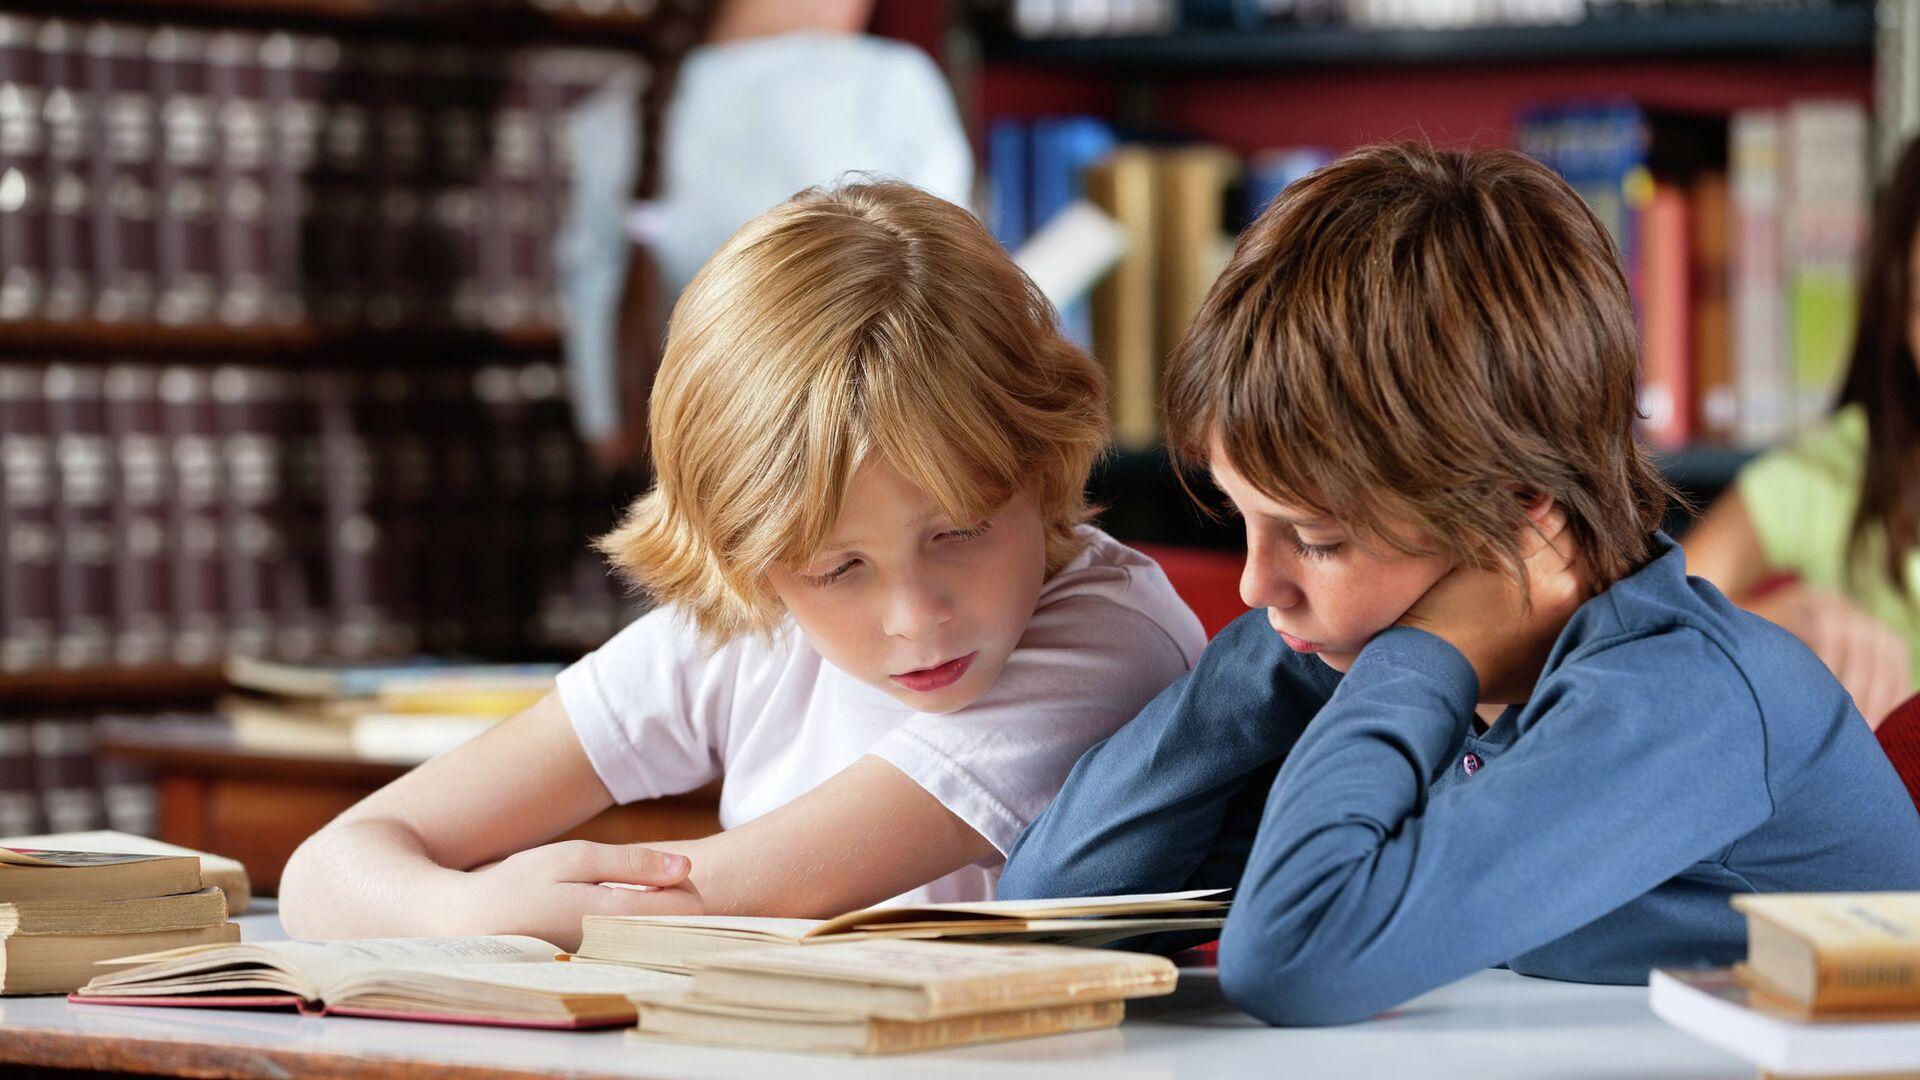 979589470 0:27:2000:1152 1920x0 80 0 0 602e927859a710f0ac4577d10098ad1c - Исследование показало, что хотели бы читать школьники на уроке литературы